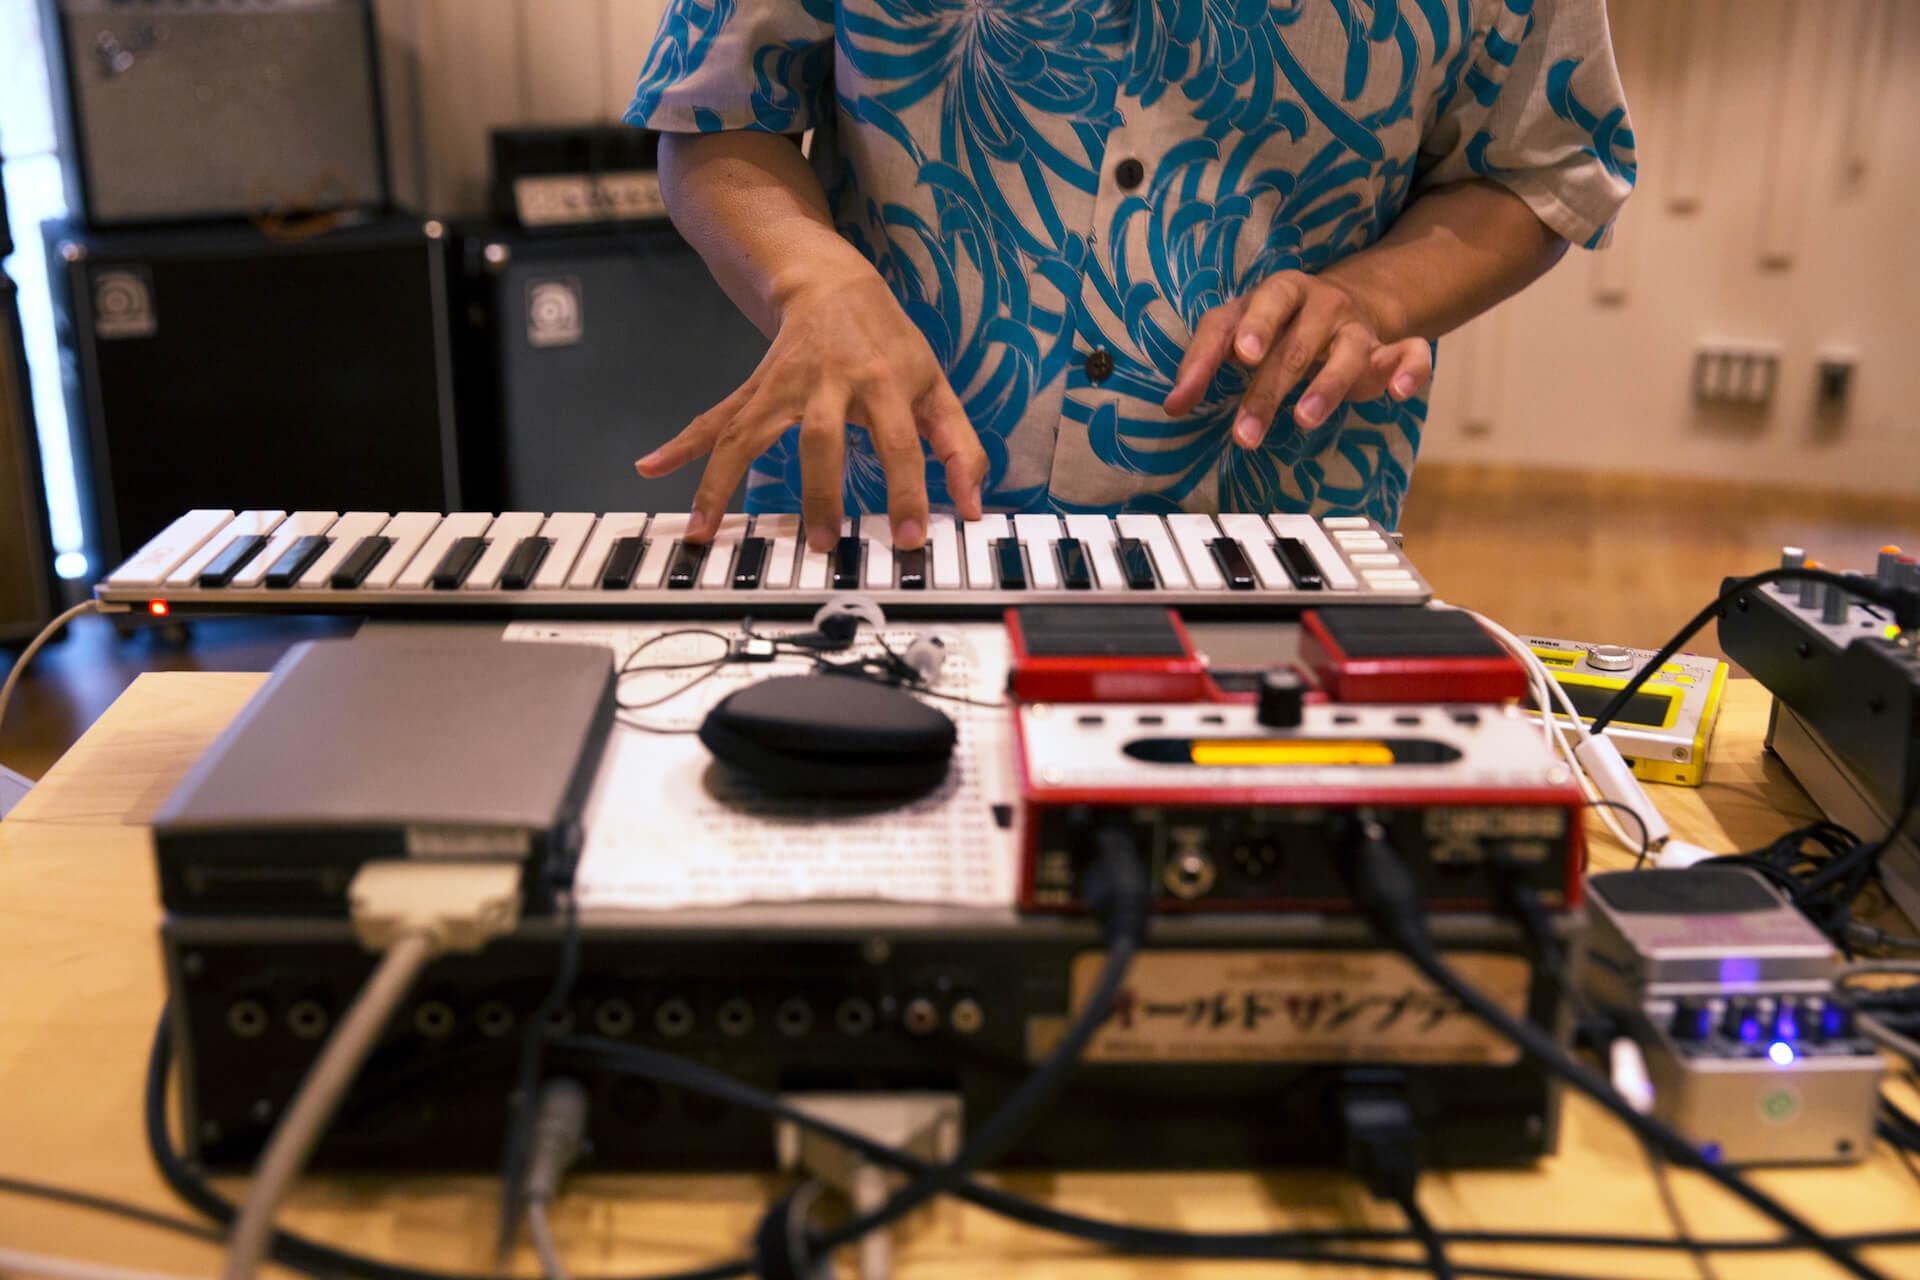 フォトレポ|ハウスシーンで歴史的事件となるSoichi Terada × Shinichiro Yokotaの再会 interview180912-kewl-soichi-terada-shinichiro-yokota-8-1